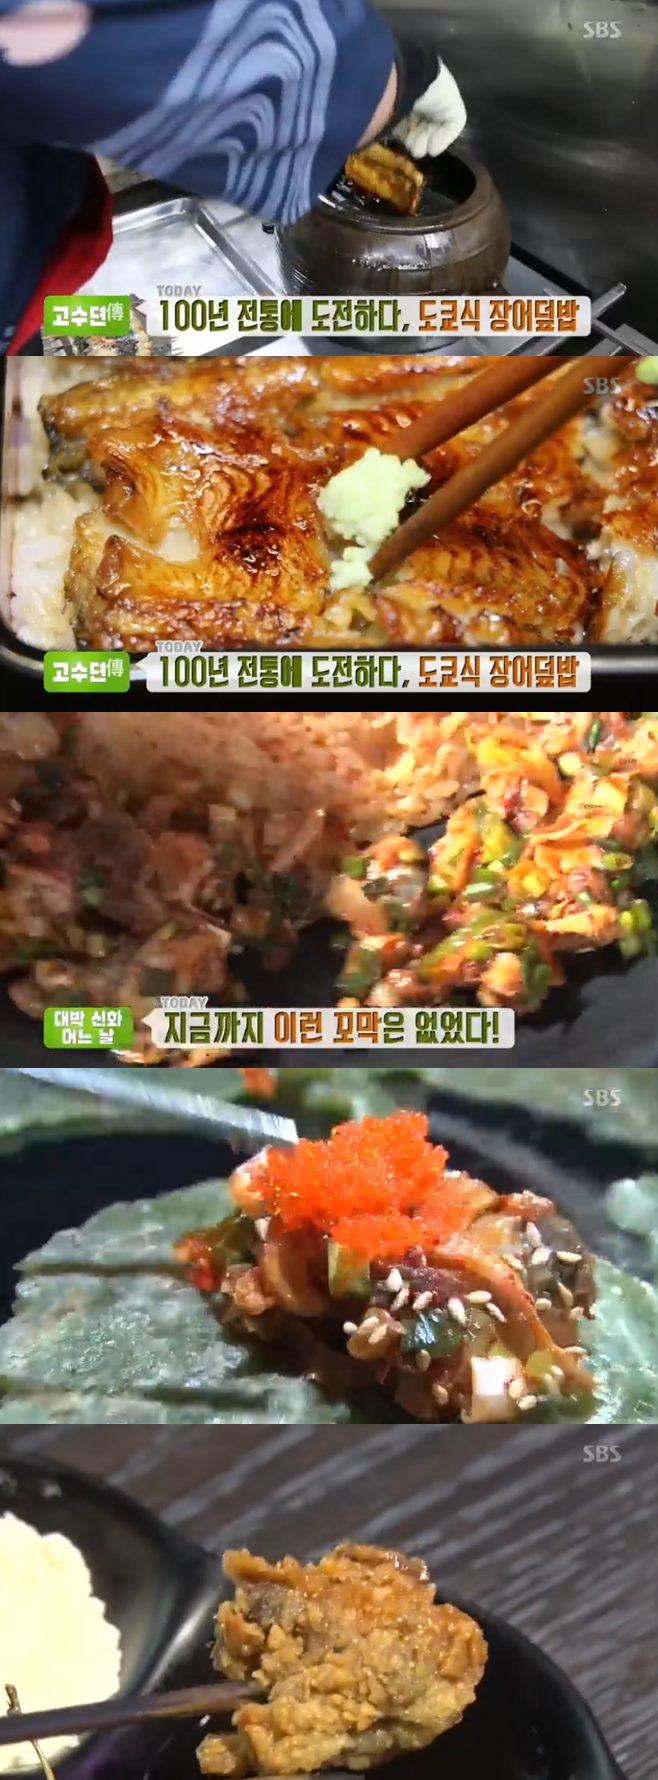 '생방송투데이' 도쿄식 장어덮밥vs통닭파스타vs간장·반꼬막·튀김 맛집